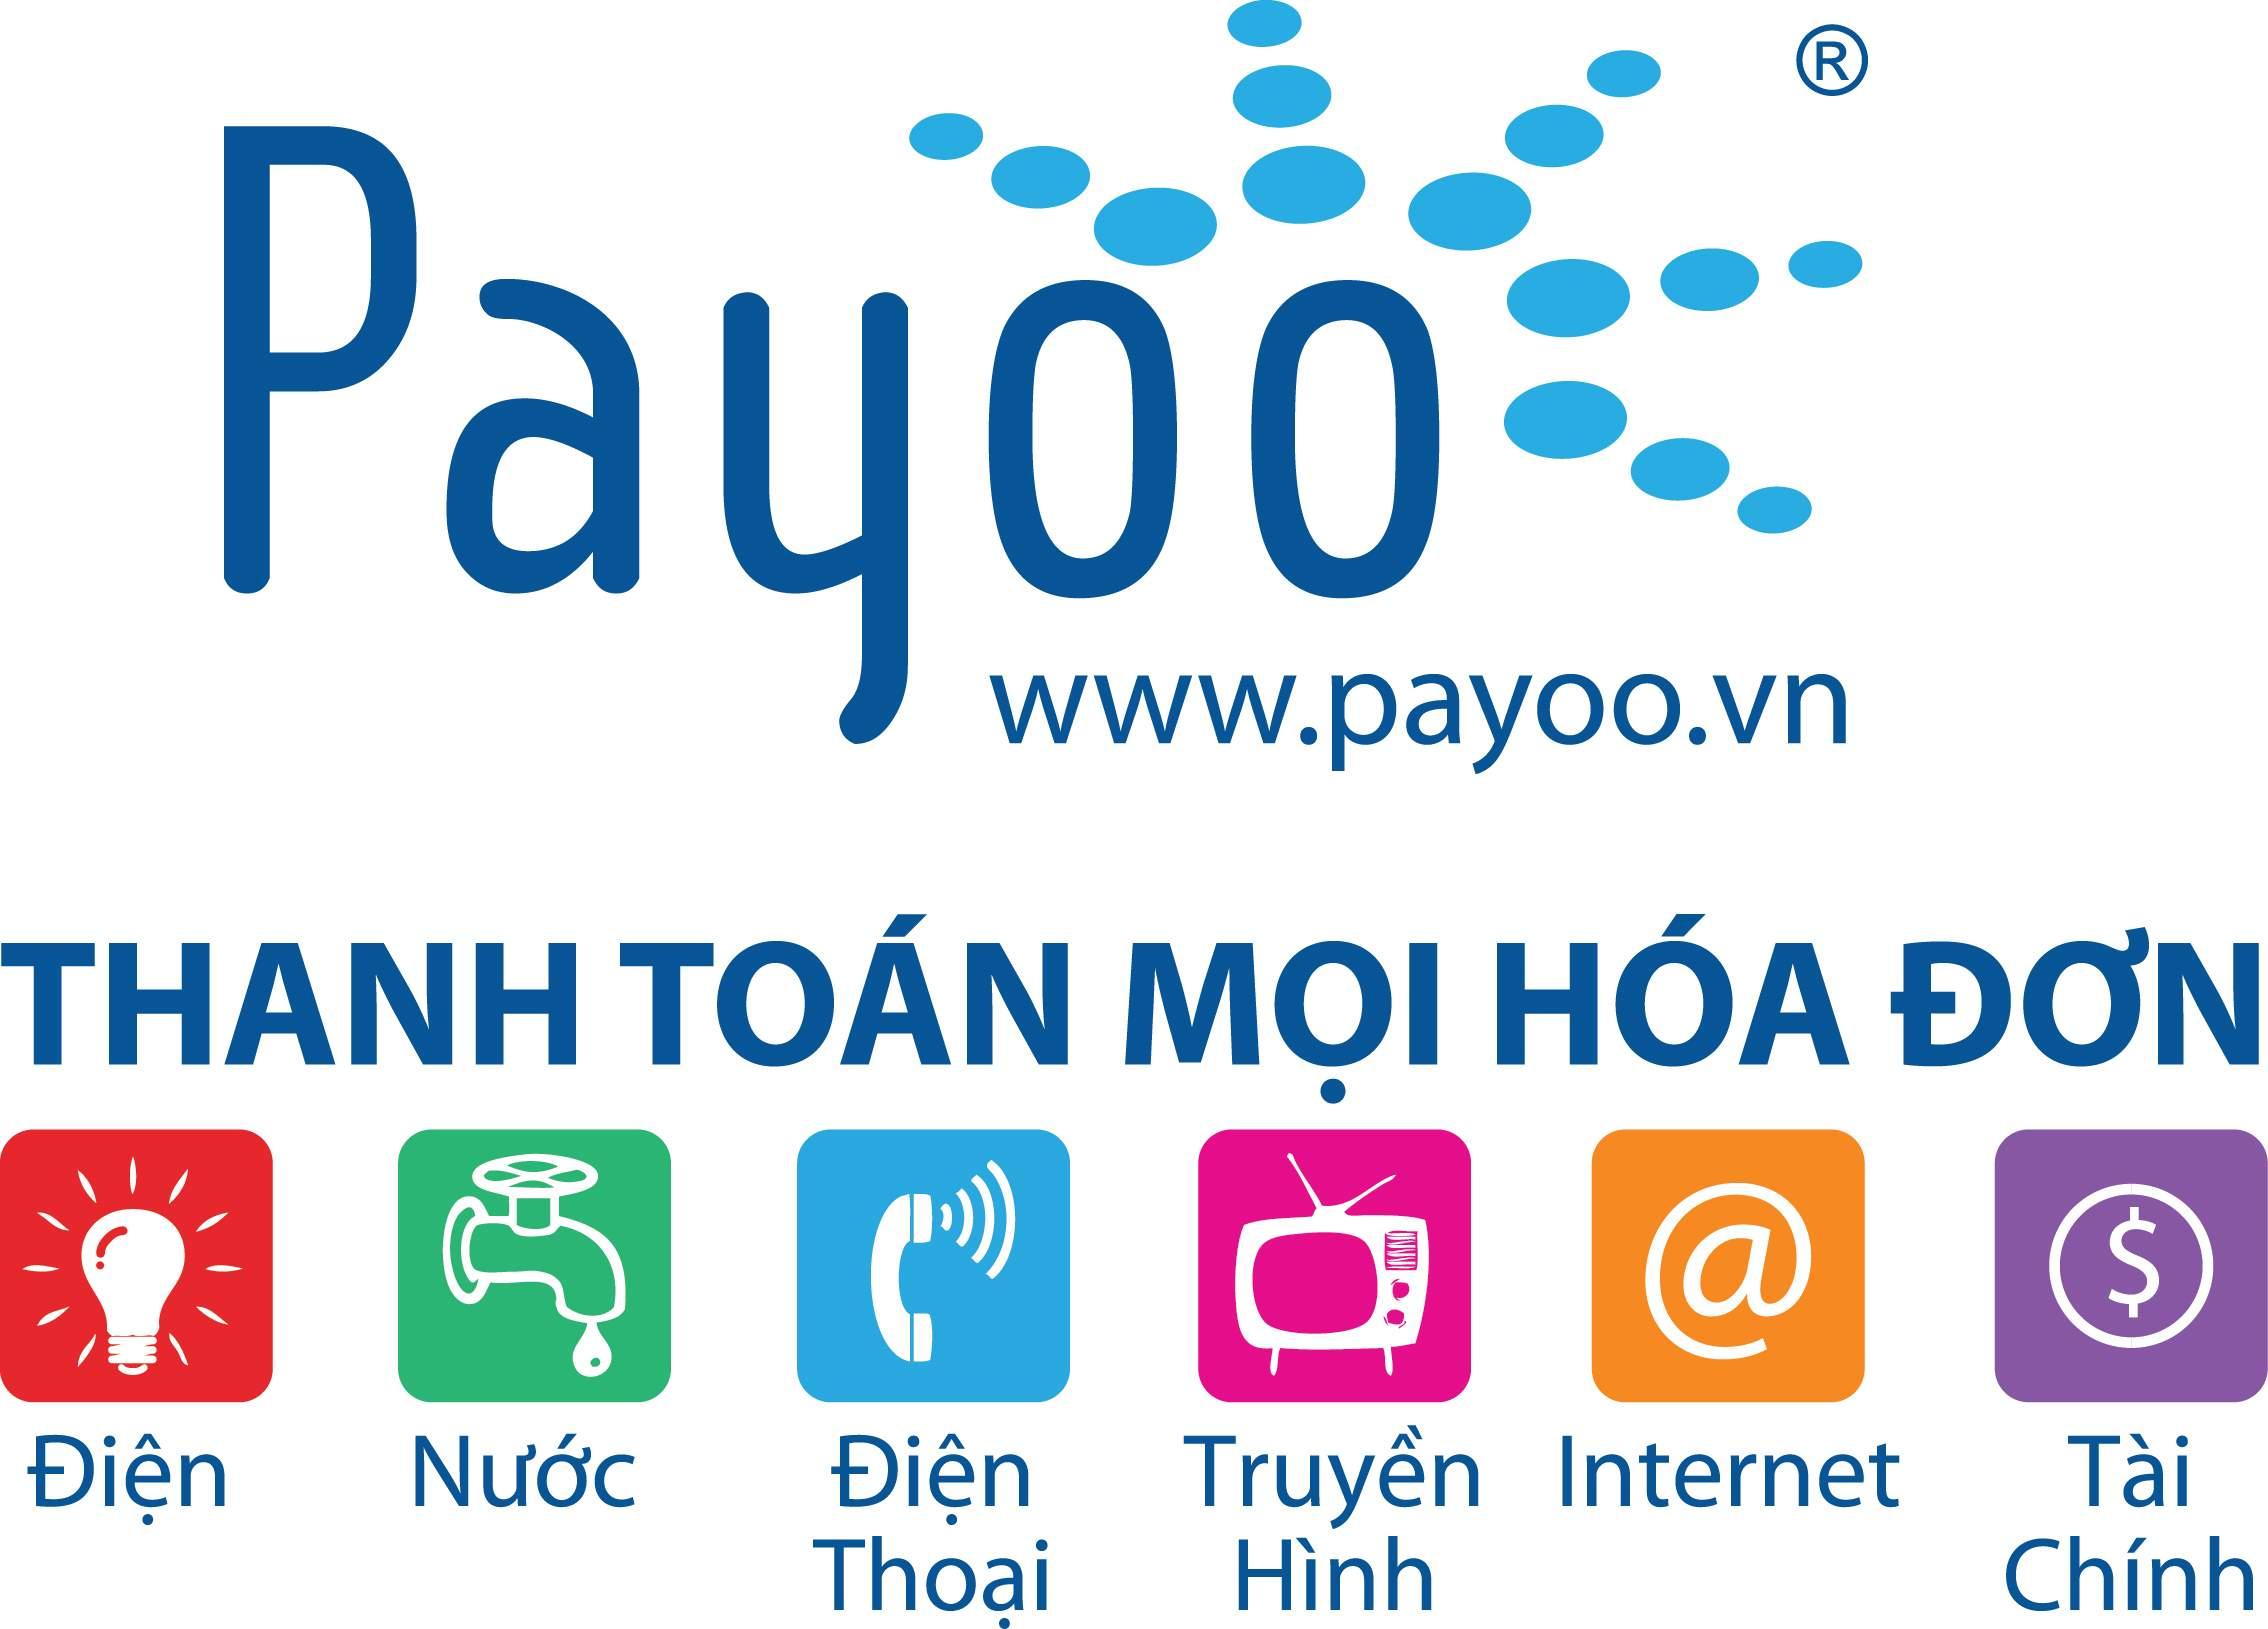 Thanh toán hóa đơn qua Payoo